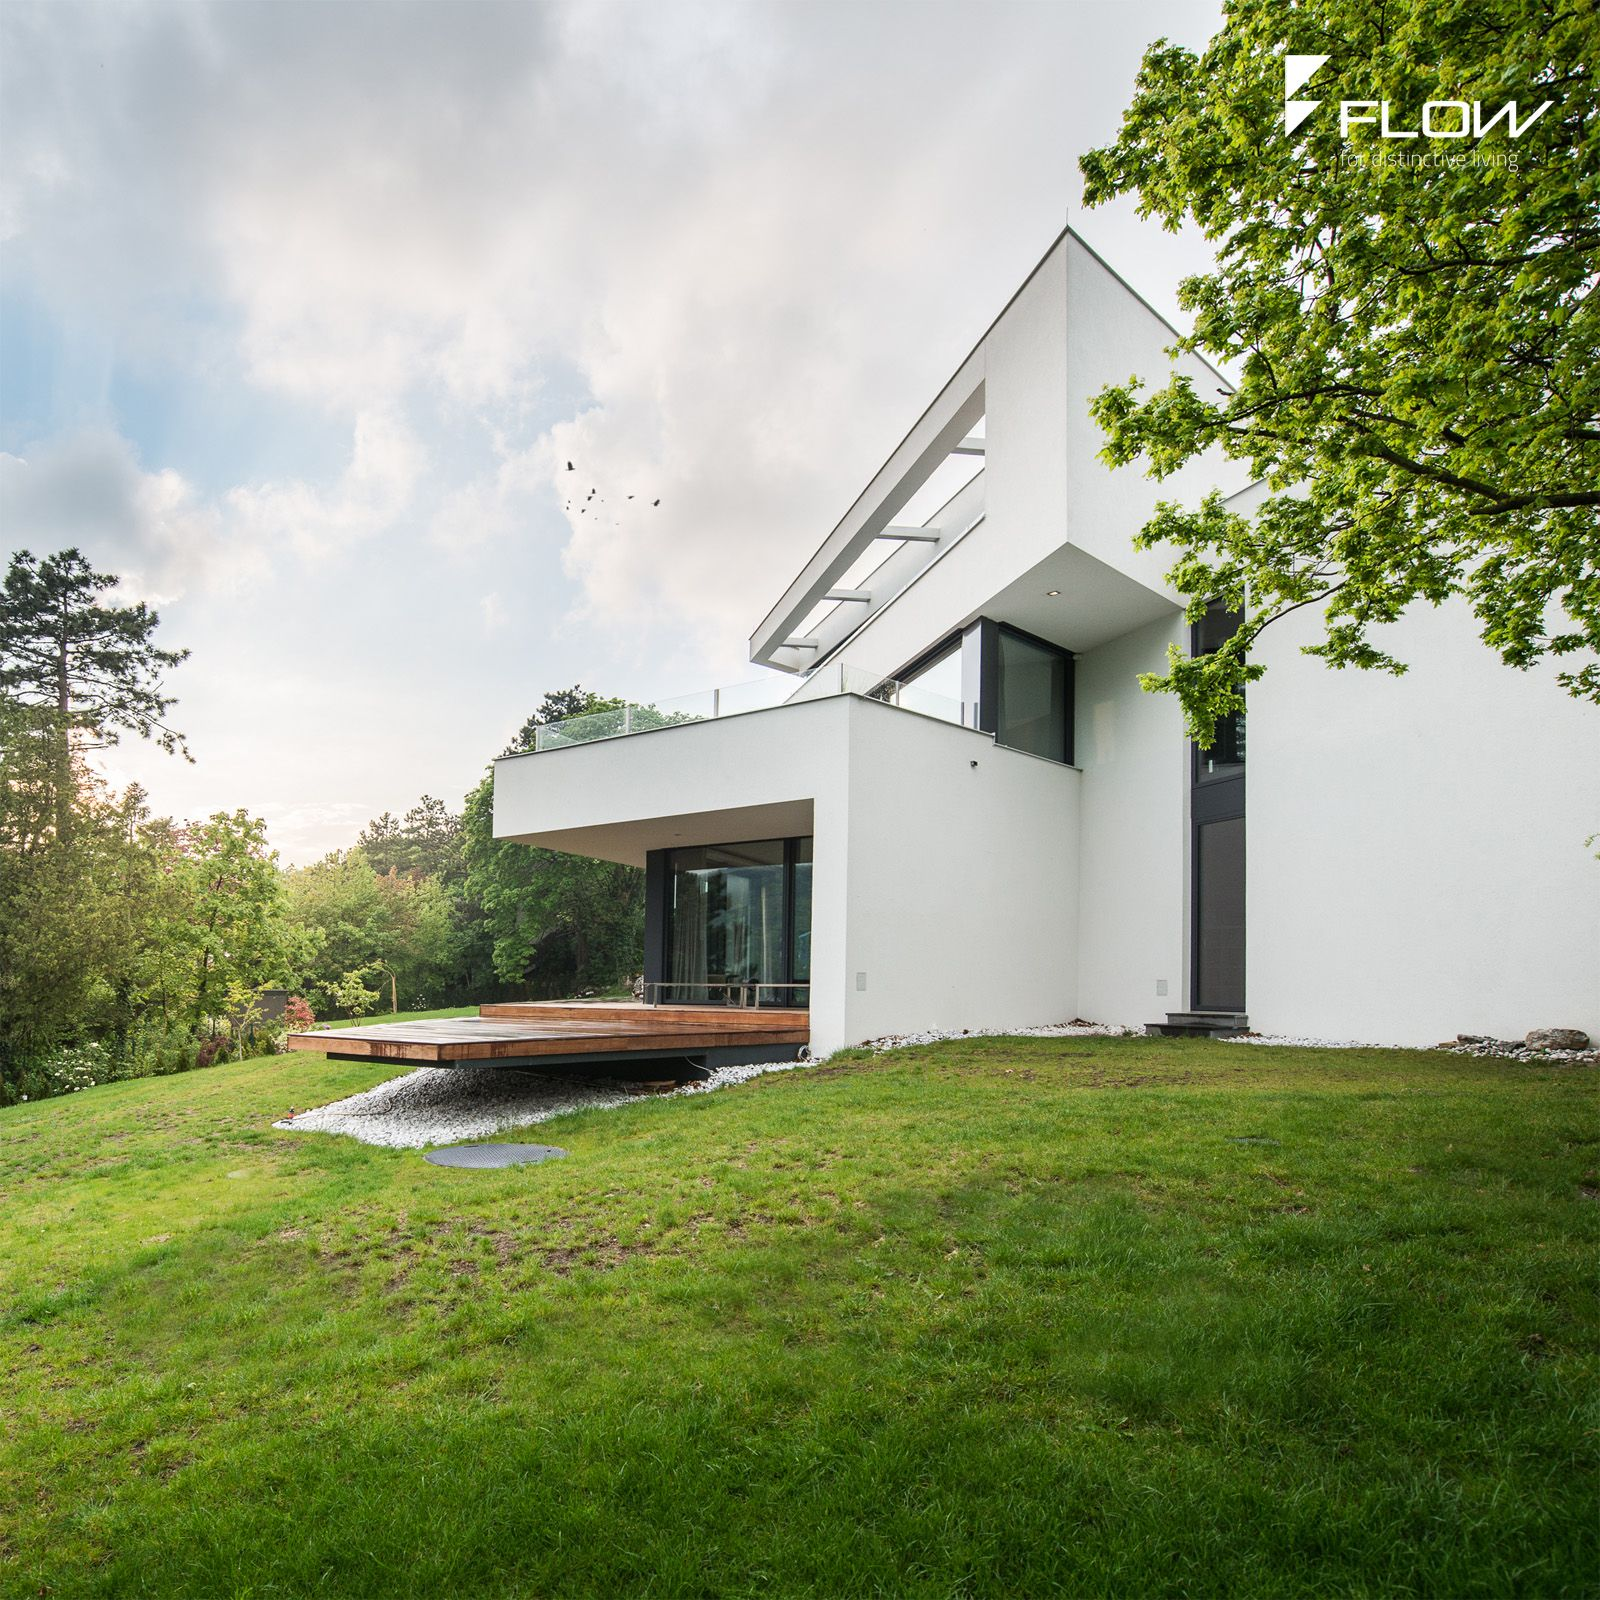 Uberlegen Avantgarde Luxushaus By Www.flow Architektur.de